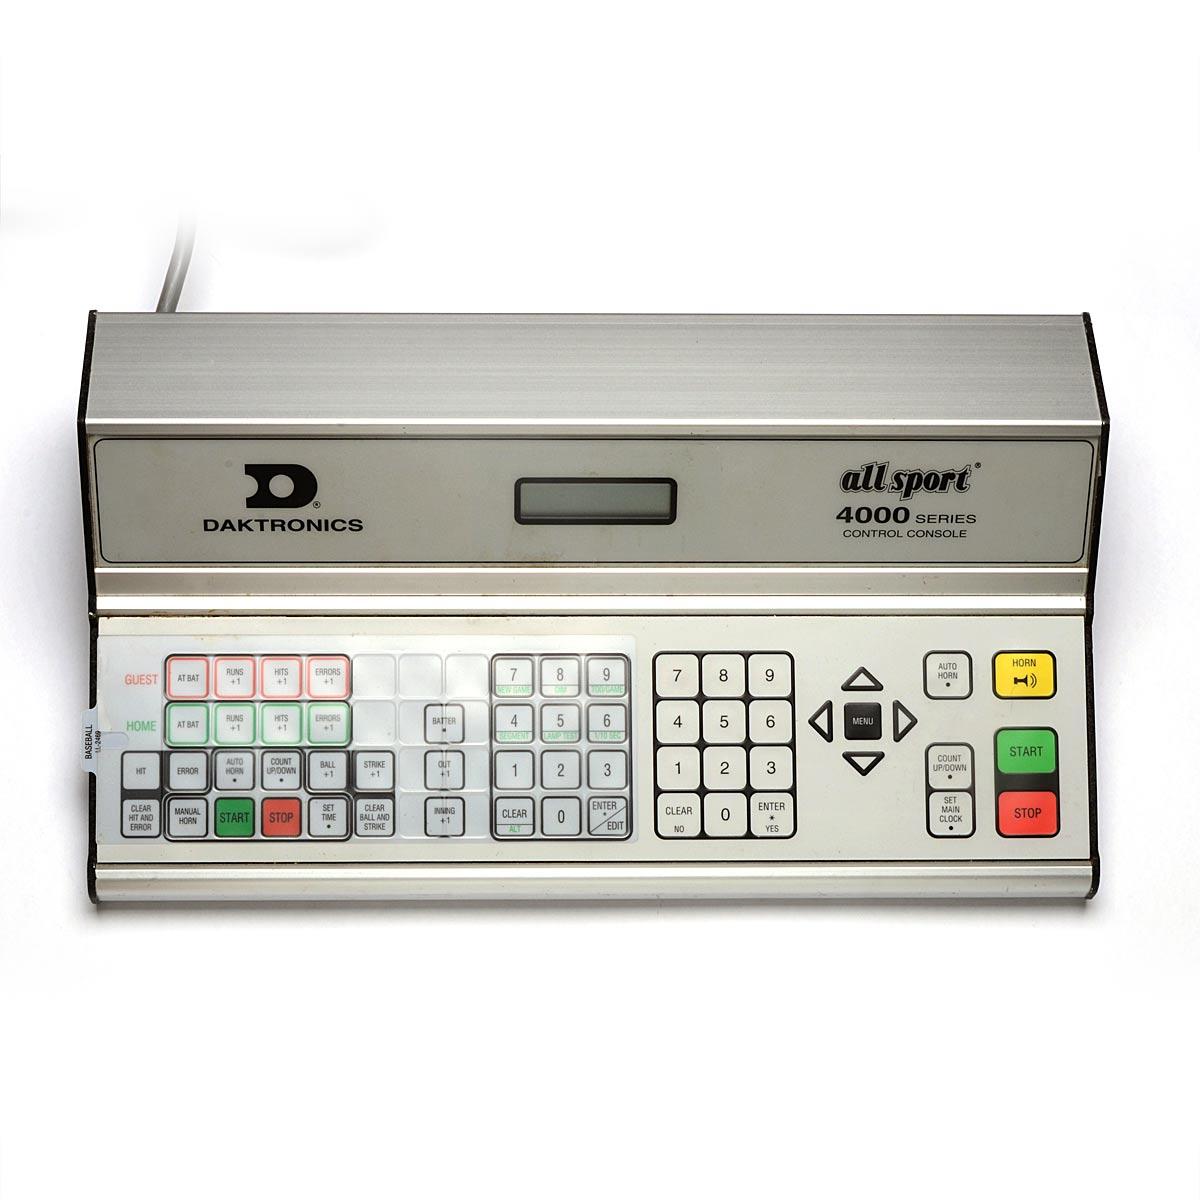 Daktronics Allsport 4000 Control Console Scoreboard